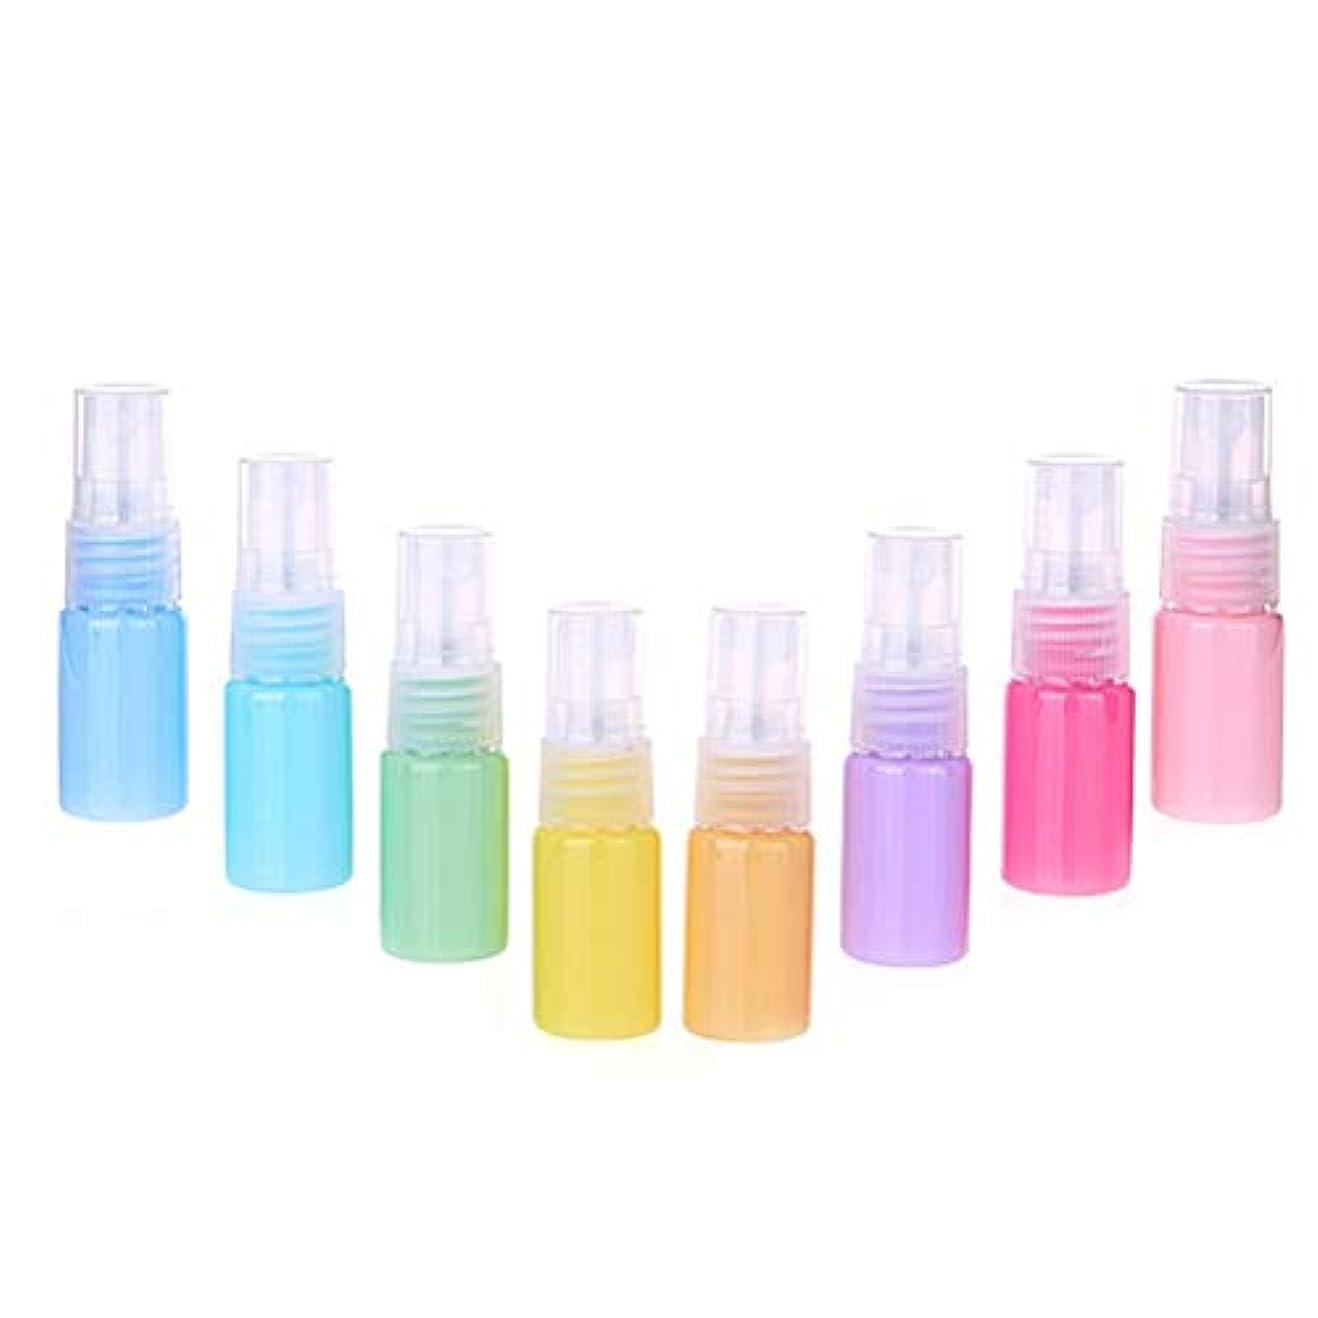 ウェイトレス移行隠されたFrcolor 8ピース 10ml スプレー空ボトル カラフルな 収納ボトル 耐久性 化粧水 旅行アクセサリー (混合色)